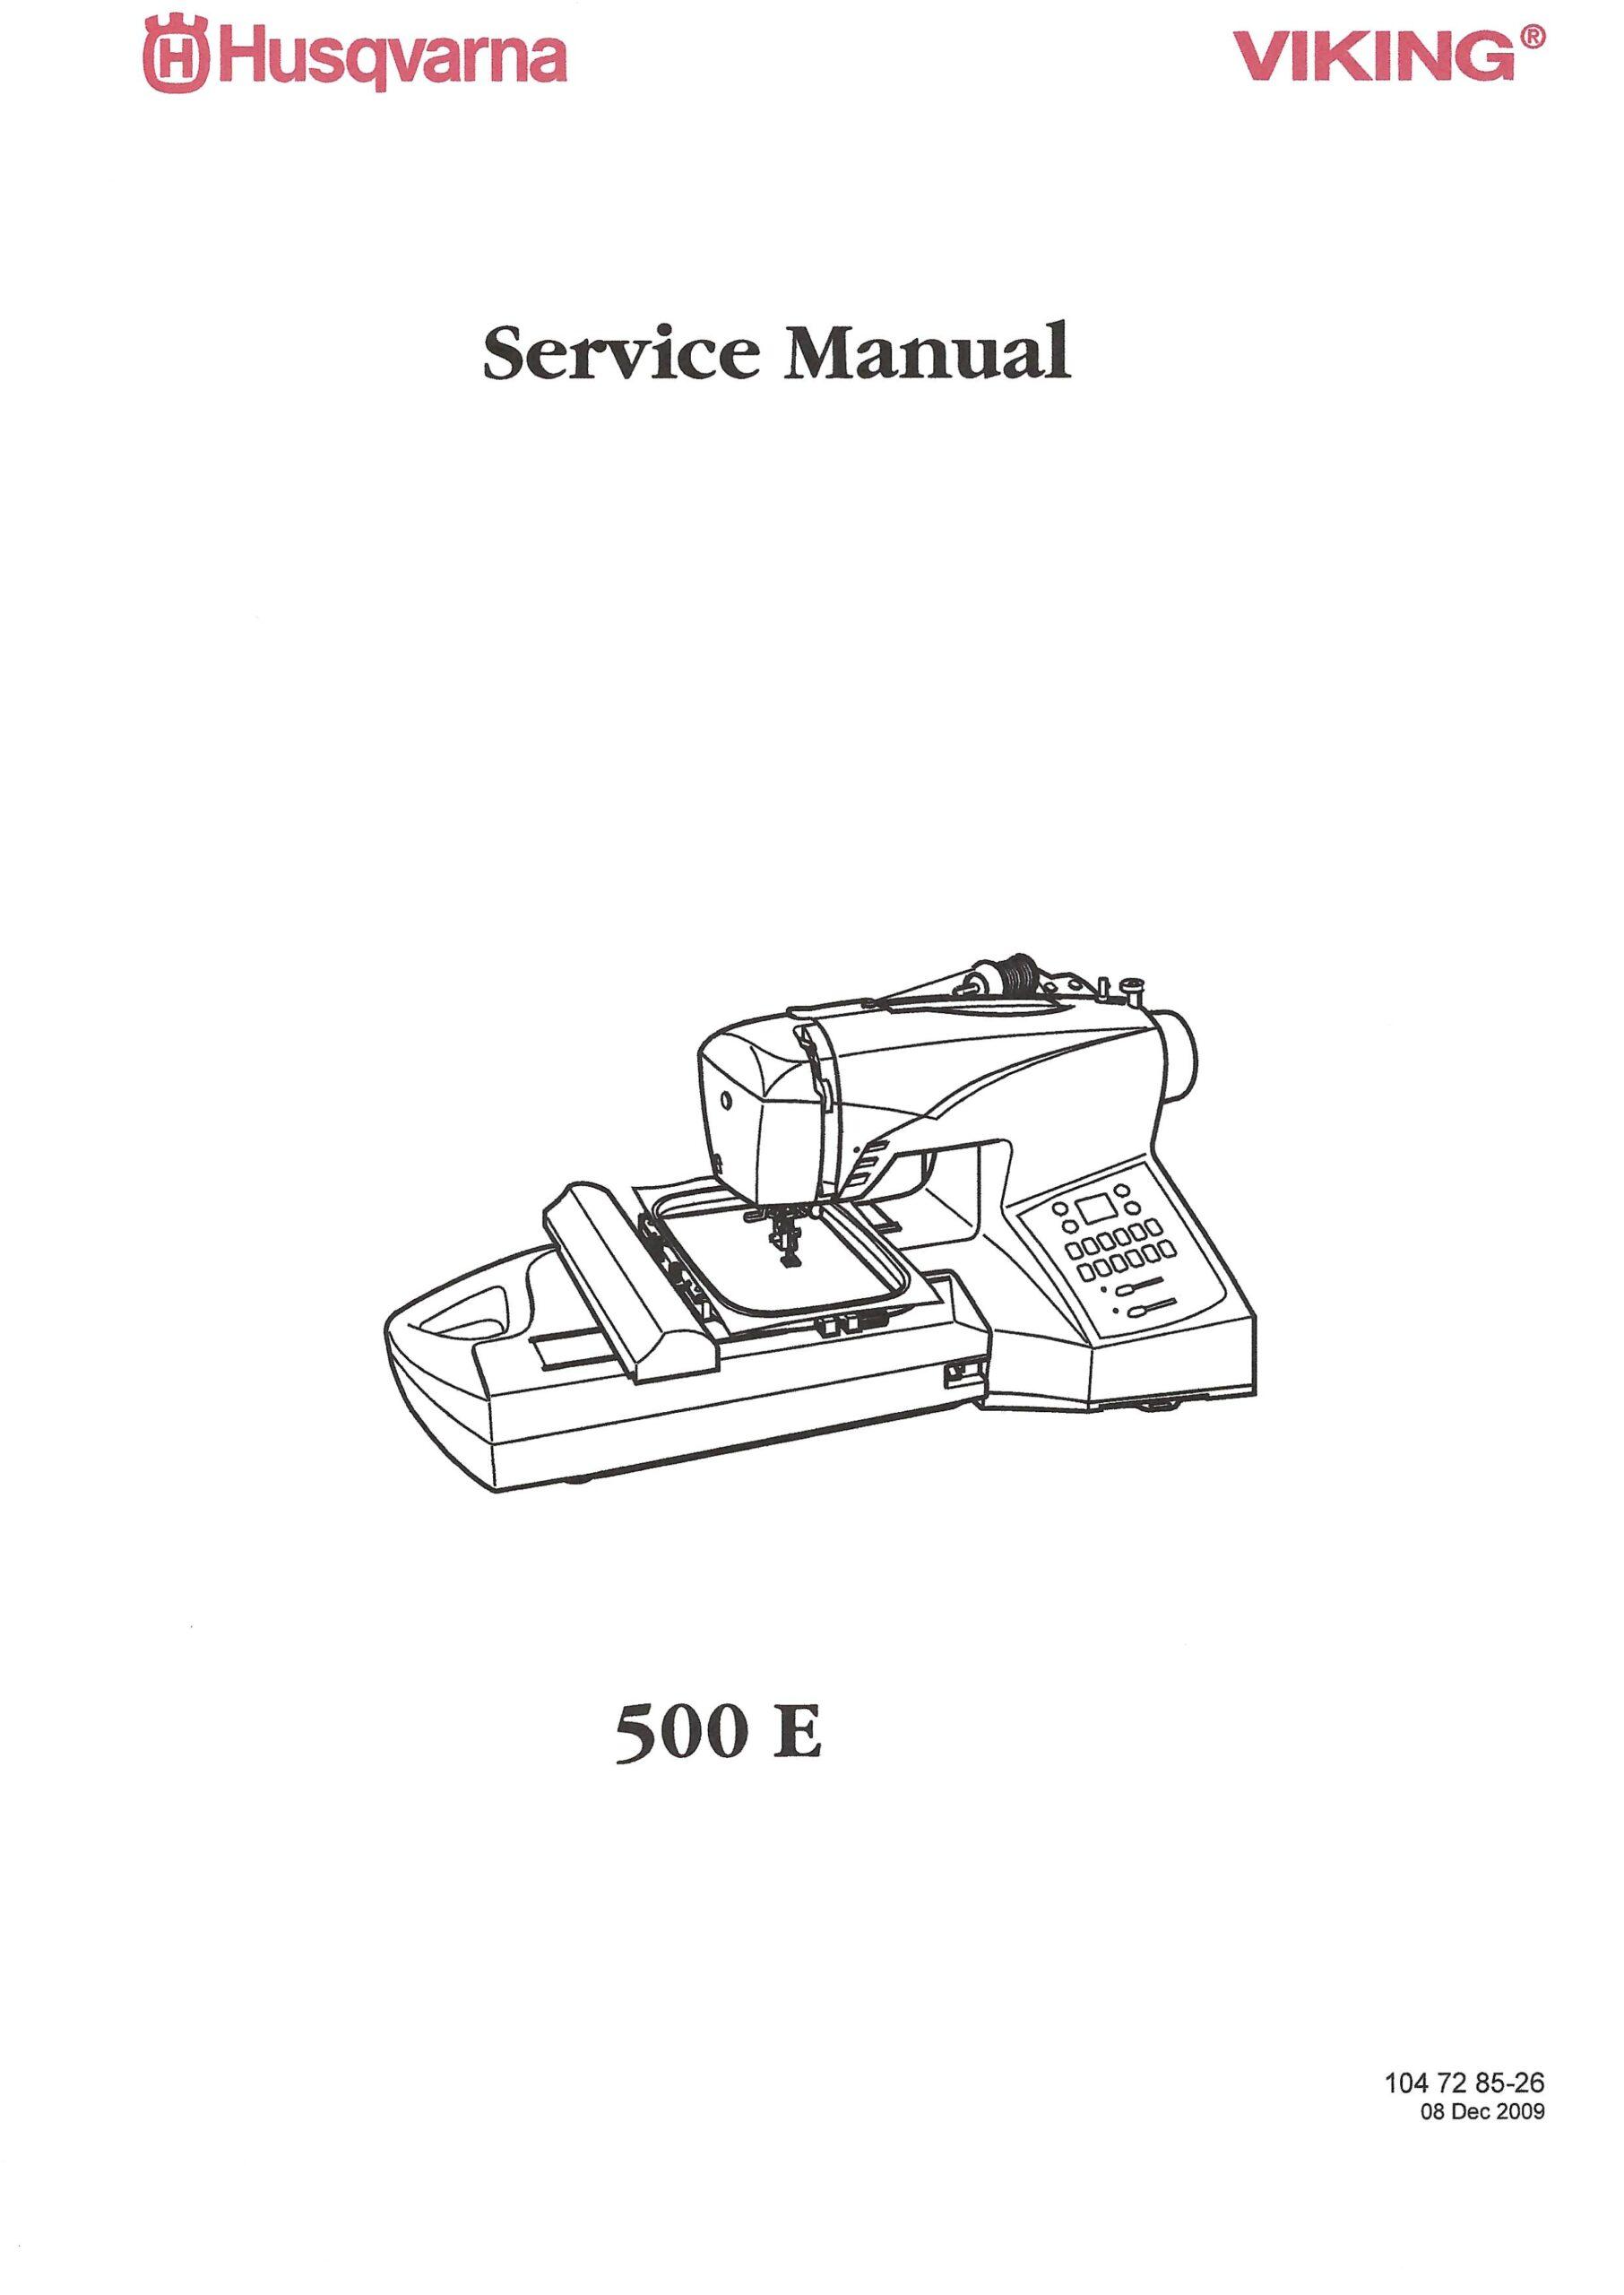 Service Manual Viking H-Class 500E Sewing Machine